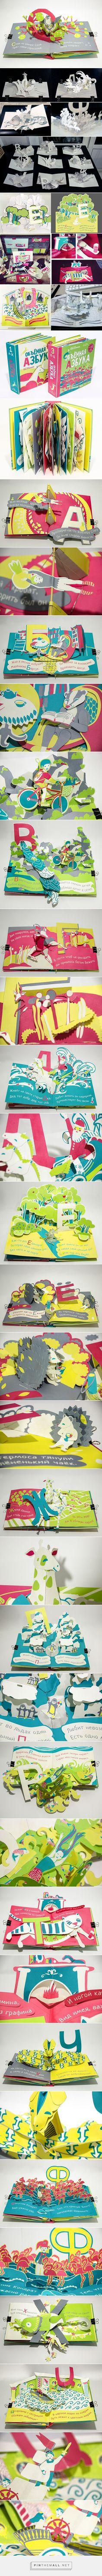 pop-up book 3D Alphabet on Behance